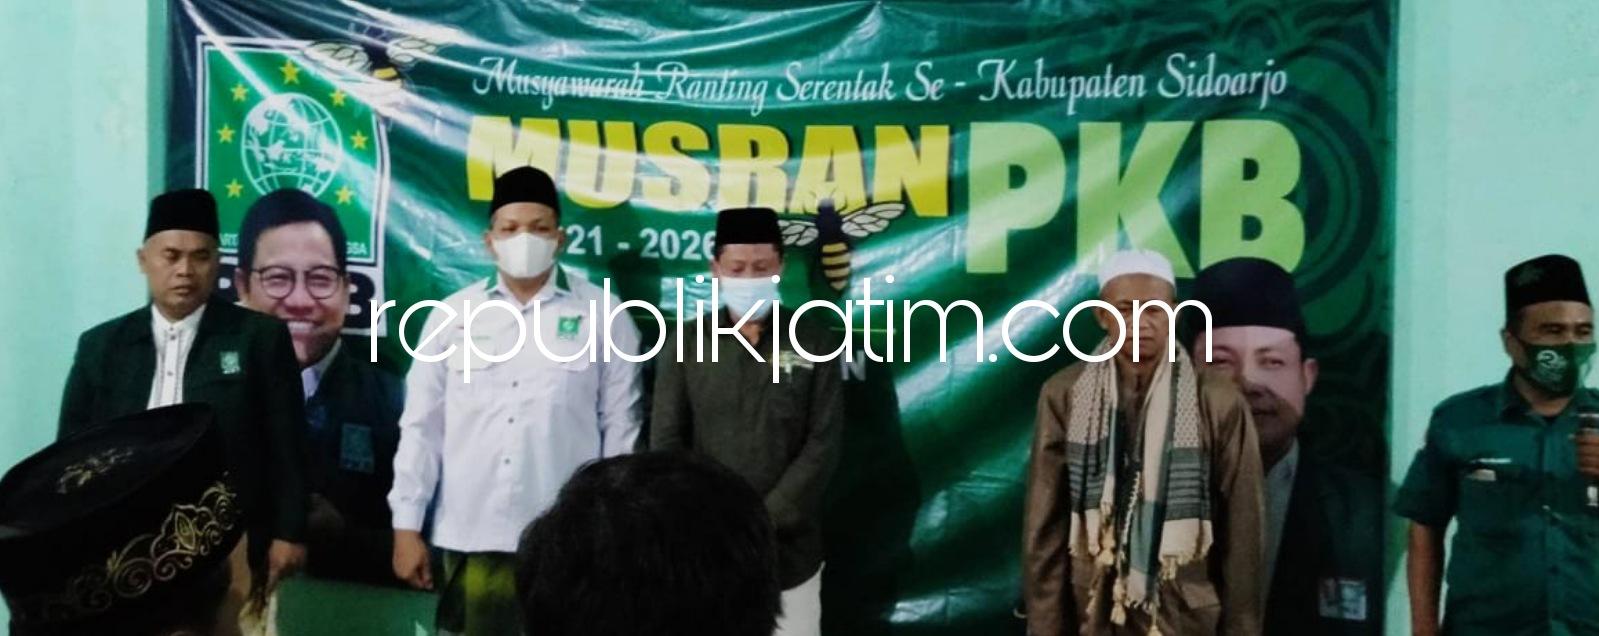 Subandi : Pengurus Partai PKB Sidoarjo Harus Jaga Harmonisasi Dengan Warga NU